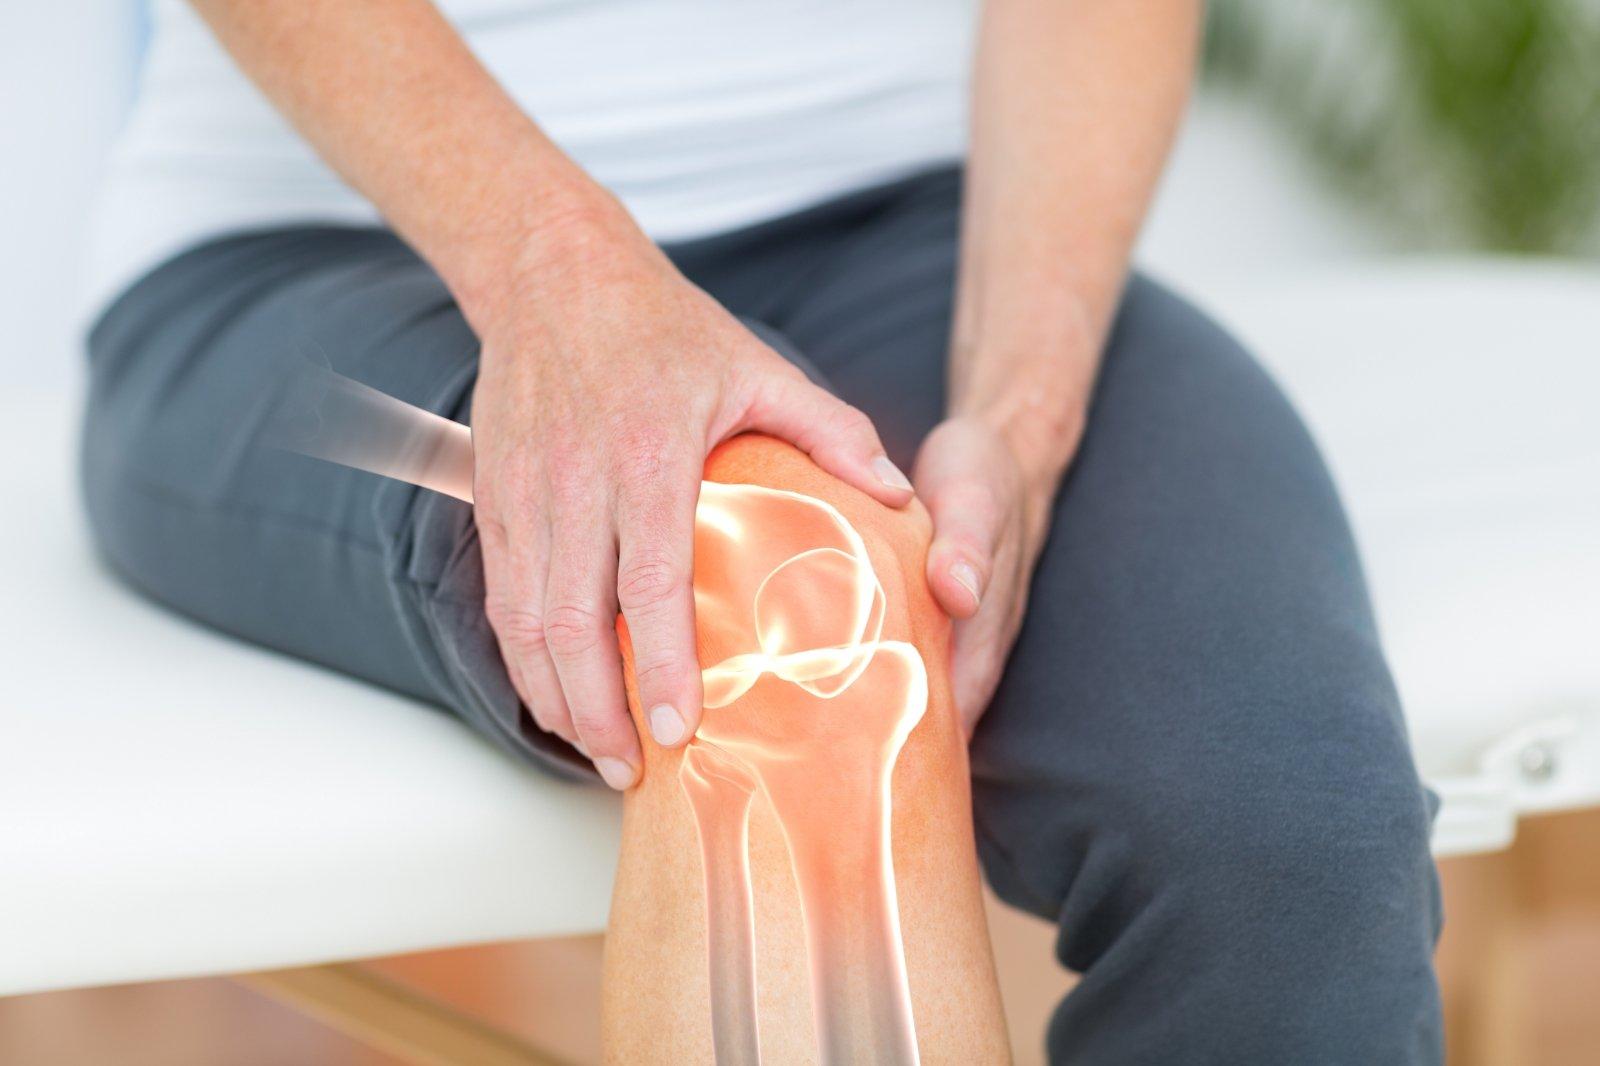 liaudies receptus už artrozės gydymo apžvalga gydymas sąnarių